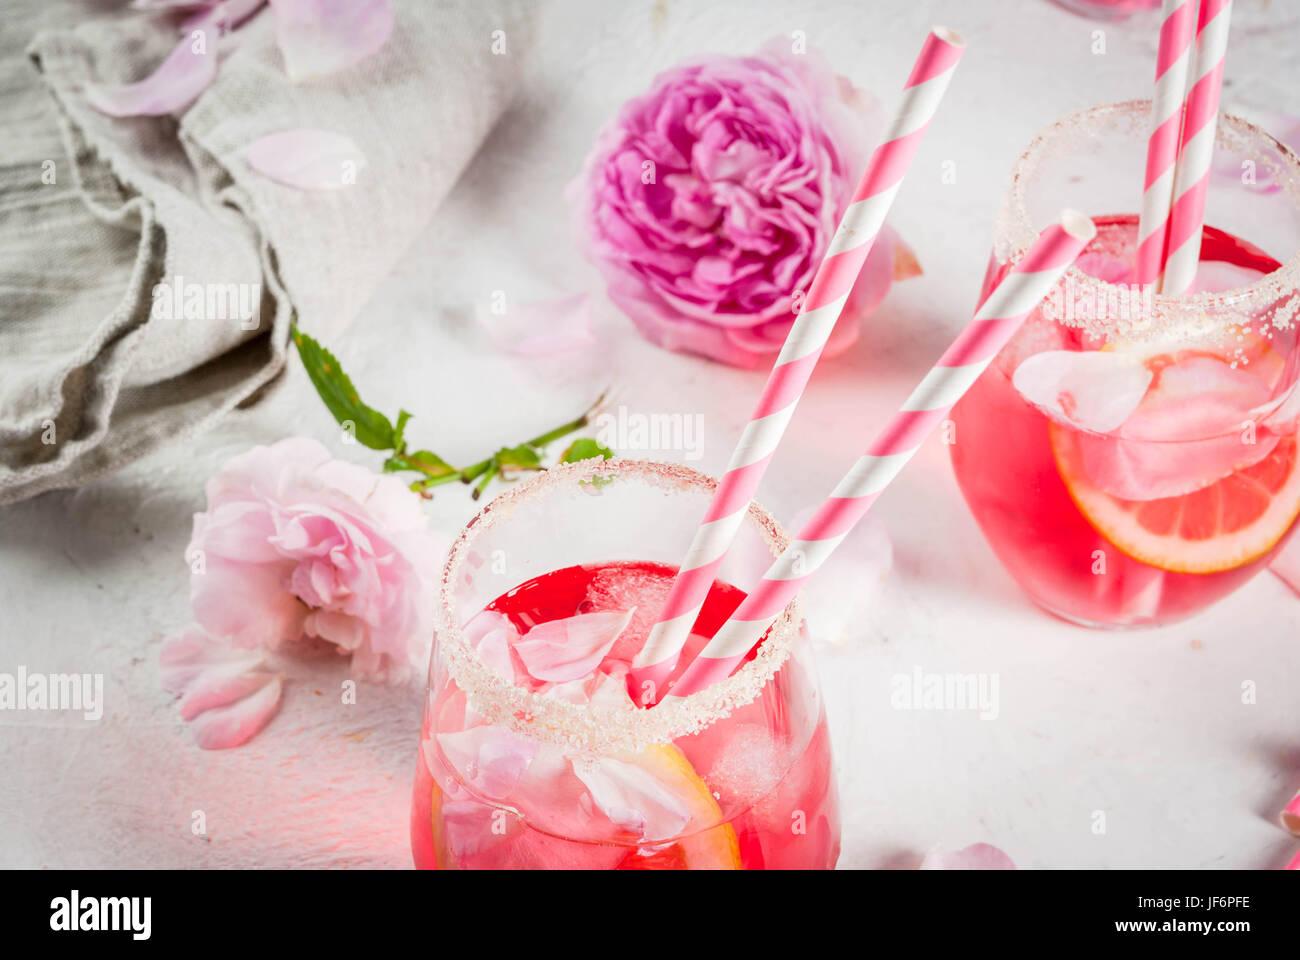 Sommer-Erfrischung Getränke. Leichte rosa rose Cocktail mit Roséwein, Teerose Blütenblätter, Stockbild